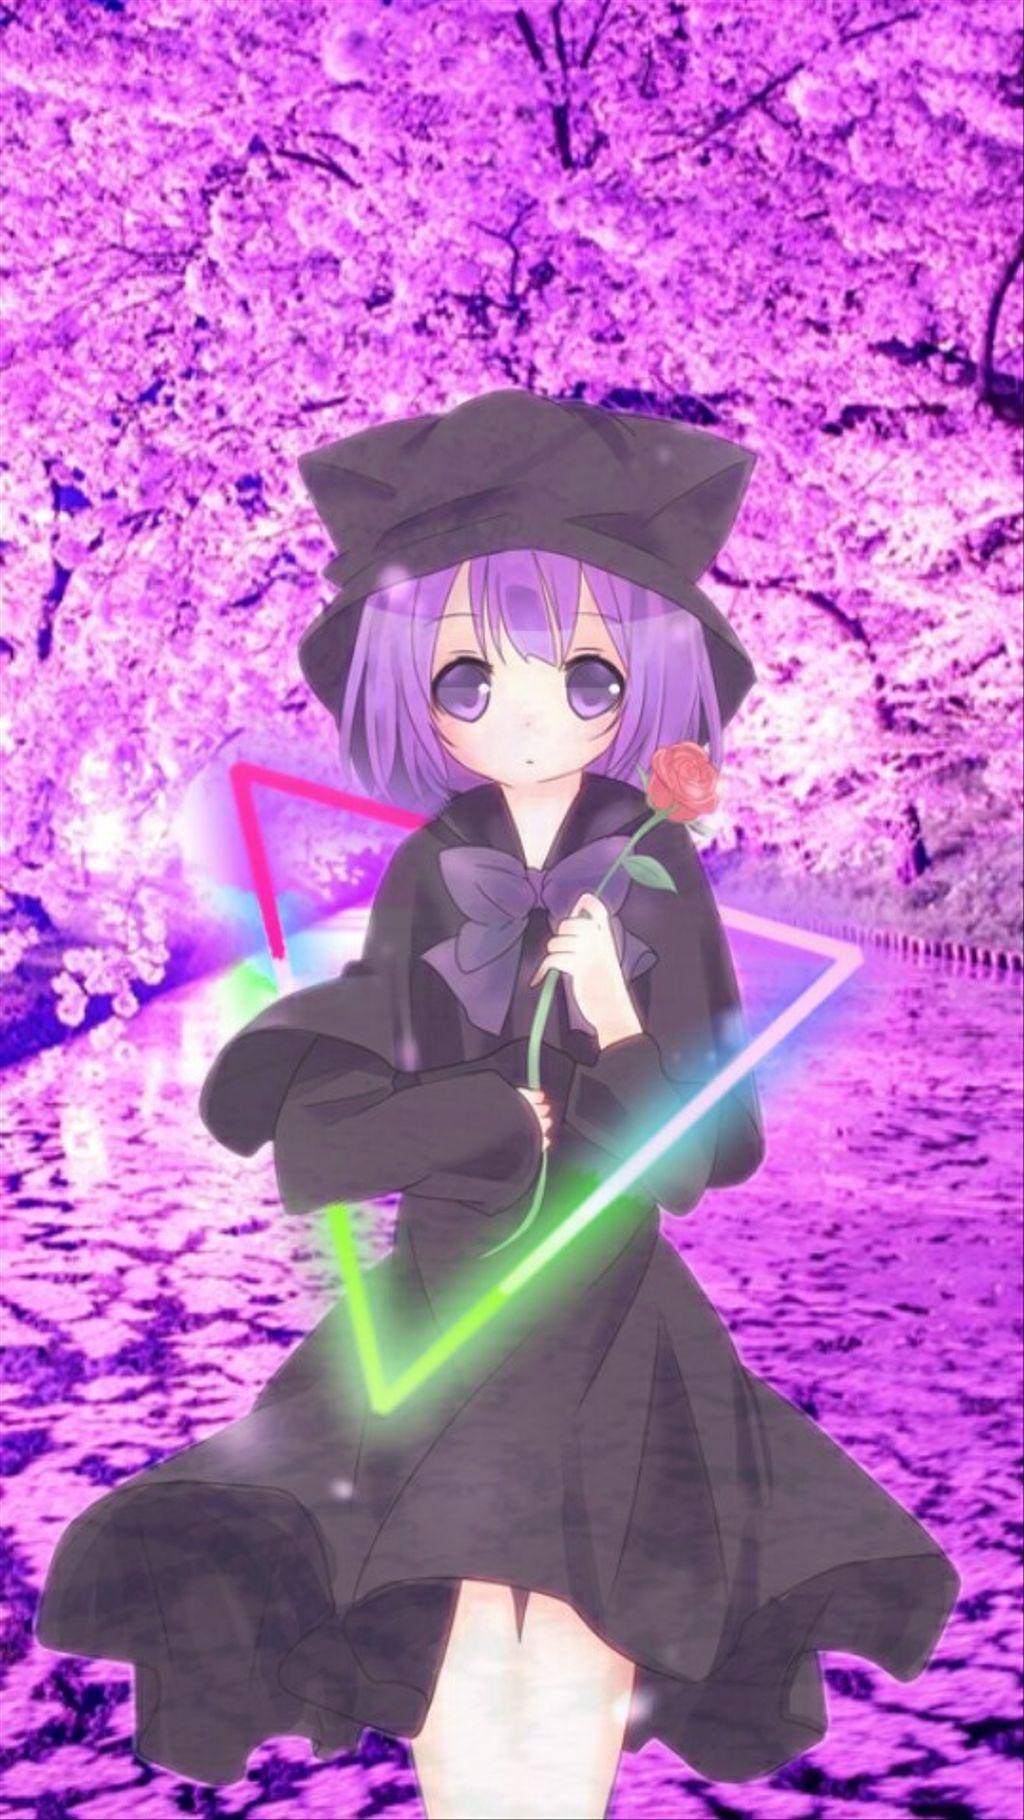 Wallpaper girl anime edit by Yukiko.27 Papel de